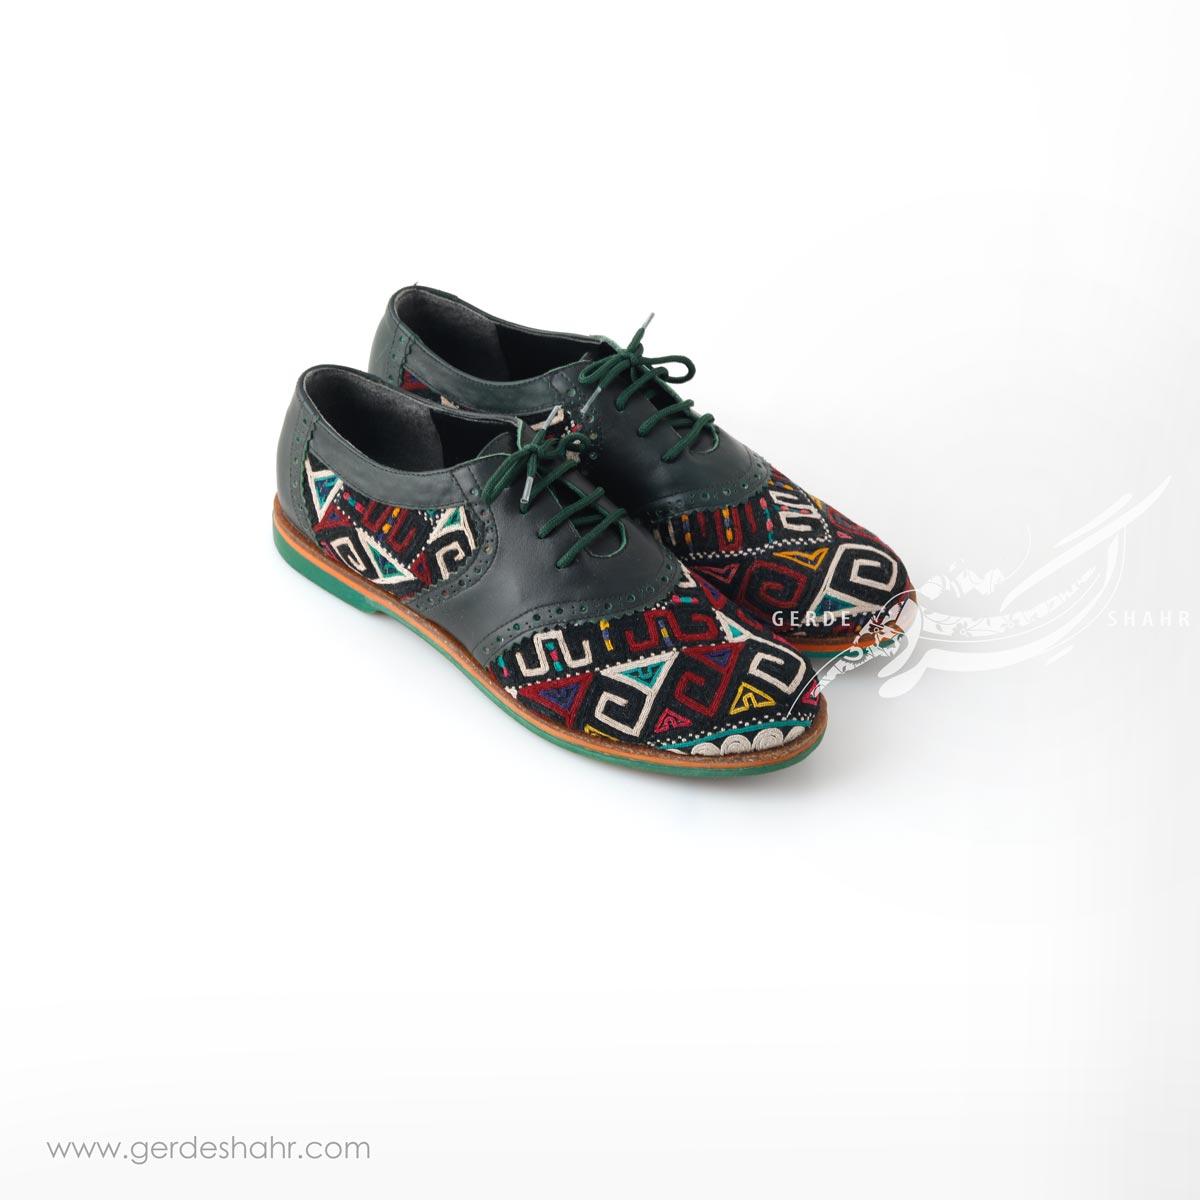 کفش دست دوز سبز یشمی تیره سوزندوزی ترکمن 3 سایز 40 چاوان گنجه رخت